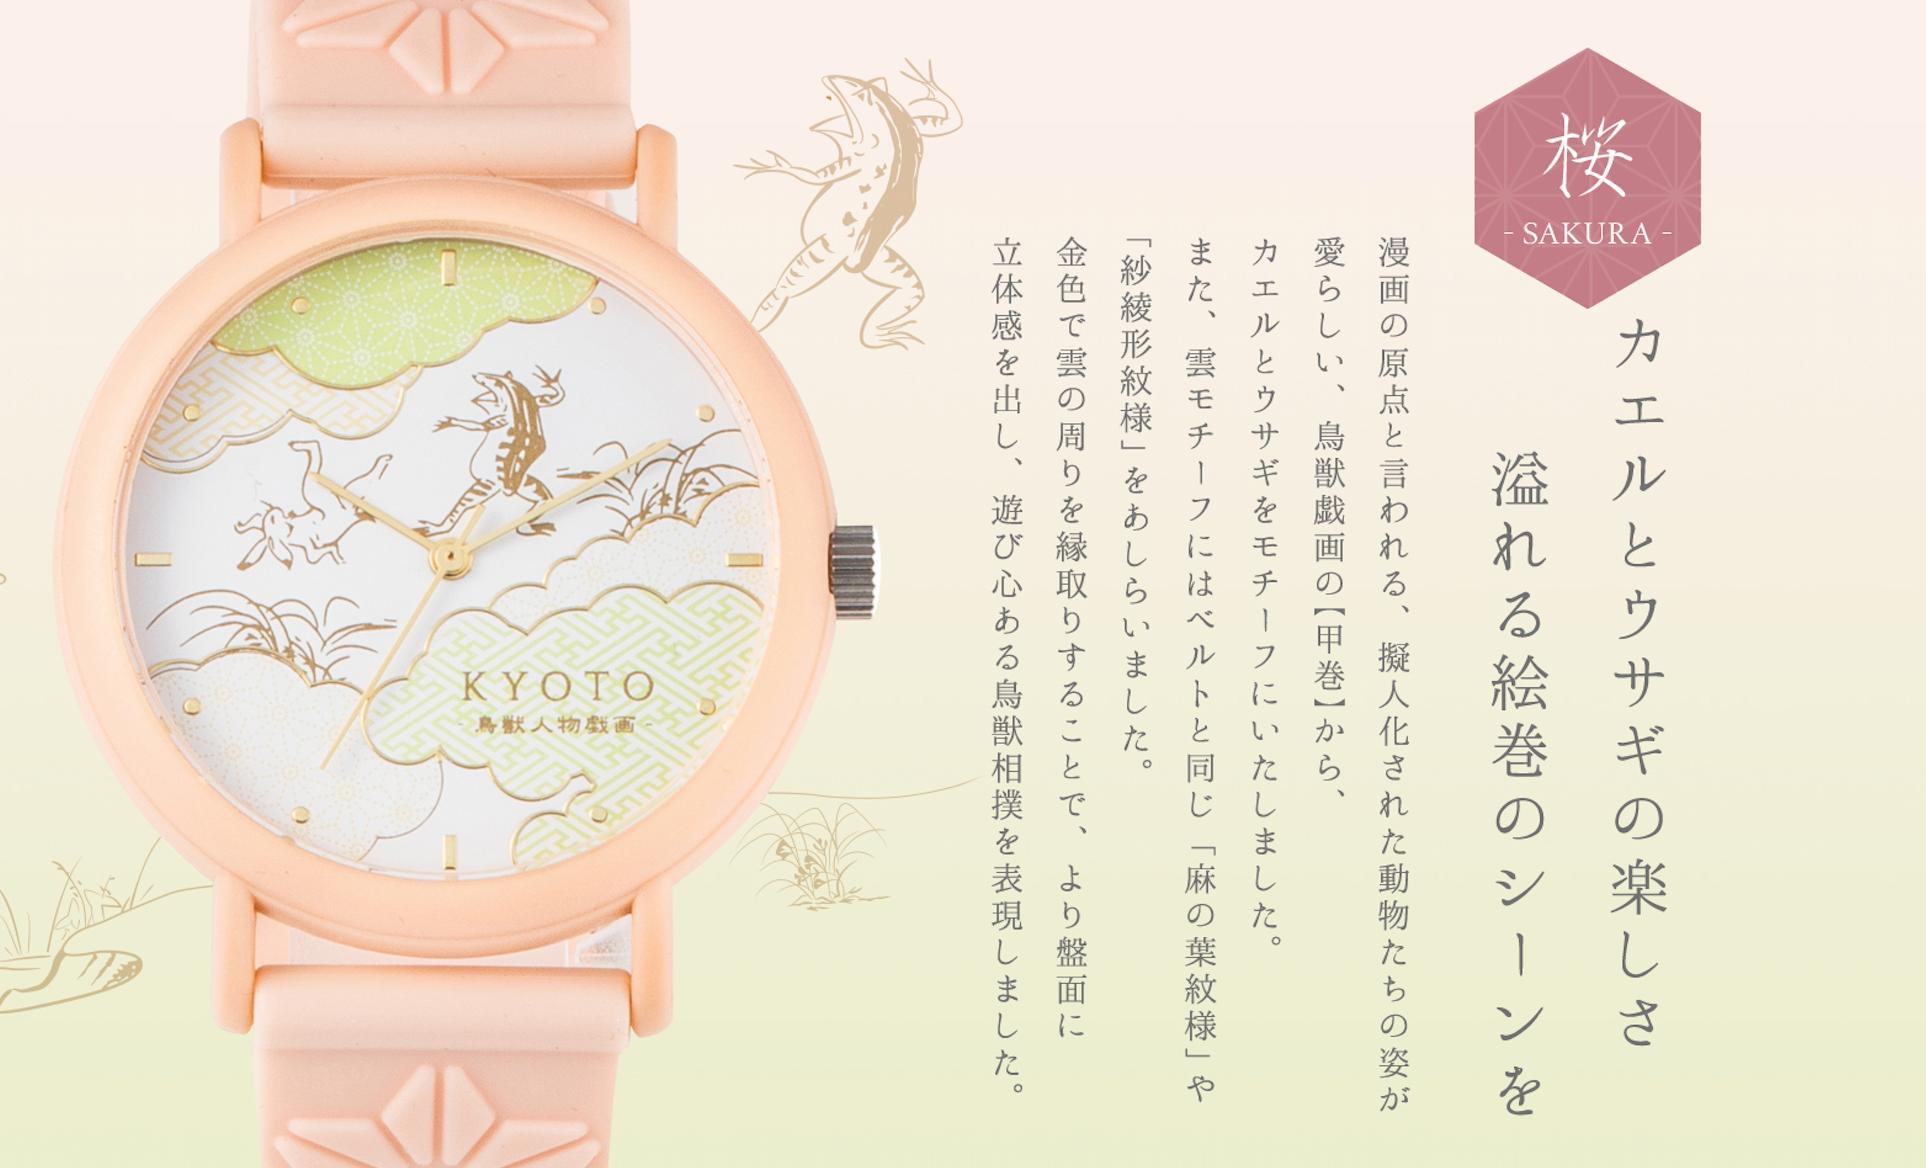 「和の香りがする腕時計ーーKAORU」 KYOTOシリーズ -鳥獣戯画モデル-